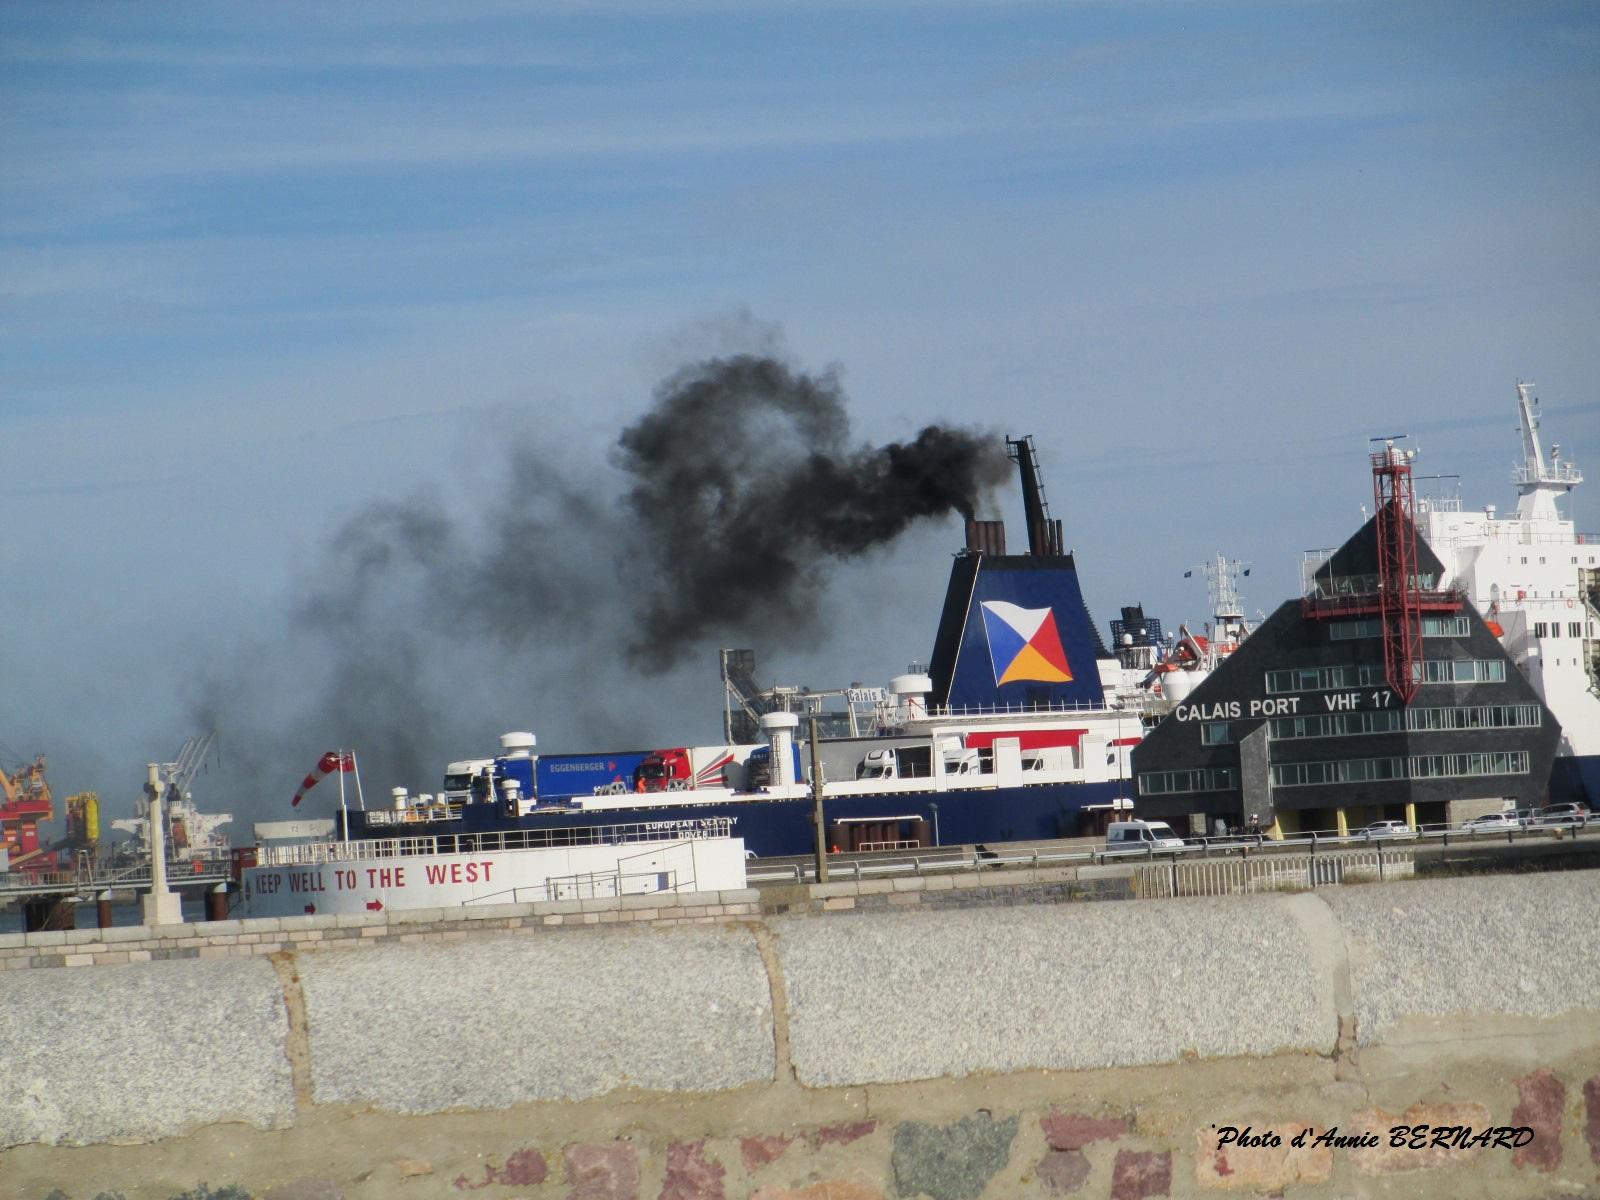 Panache de fumée noire au dessus du port de Calais